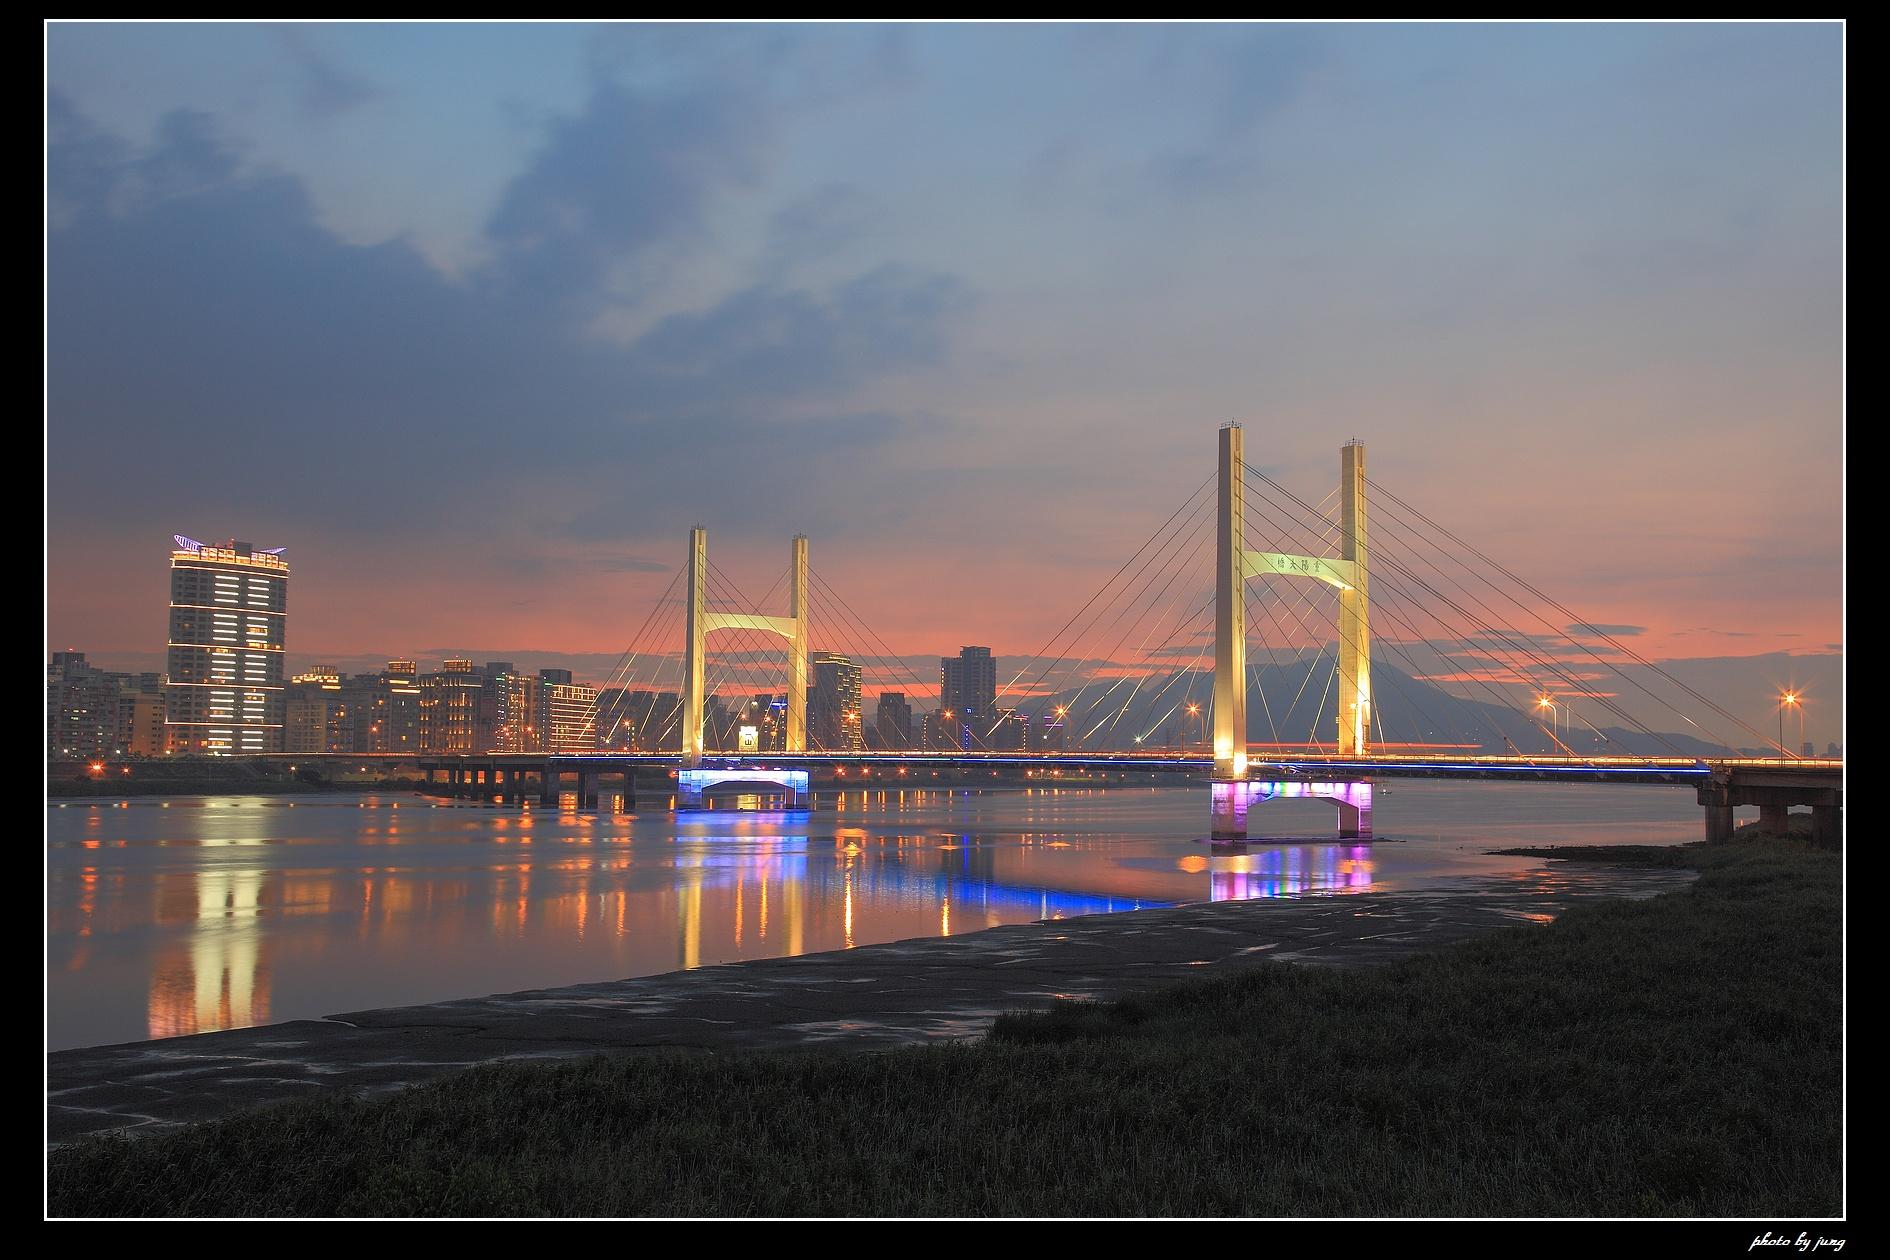 重陽橋夜之風華